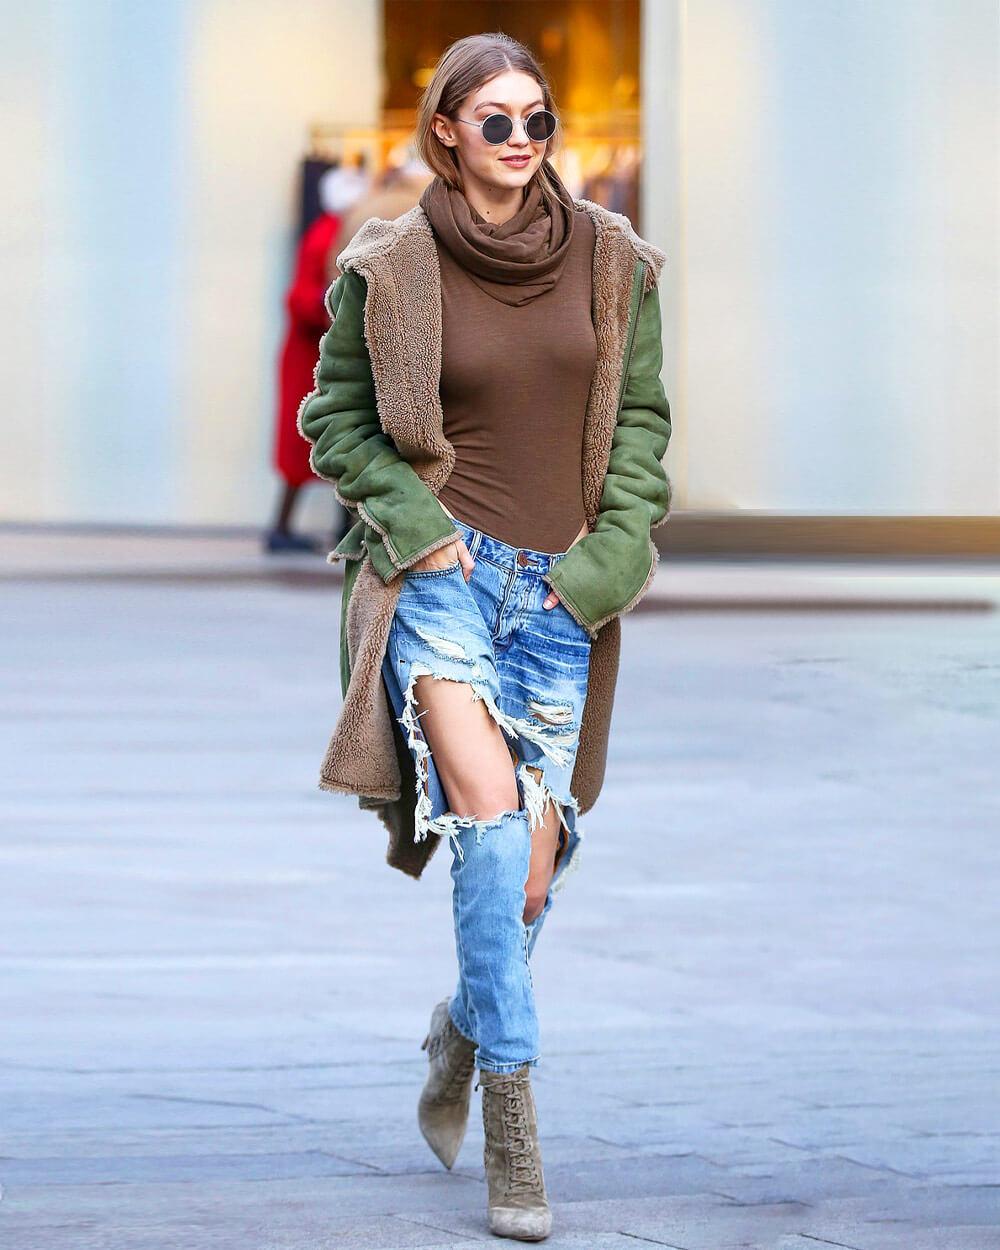 Gigi Hadid wearing One Teaspoon jeans